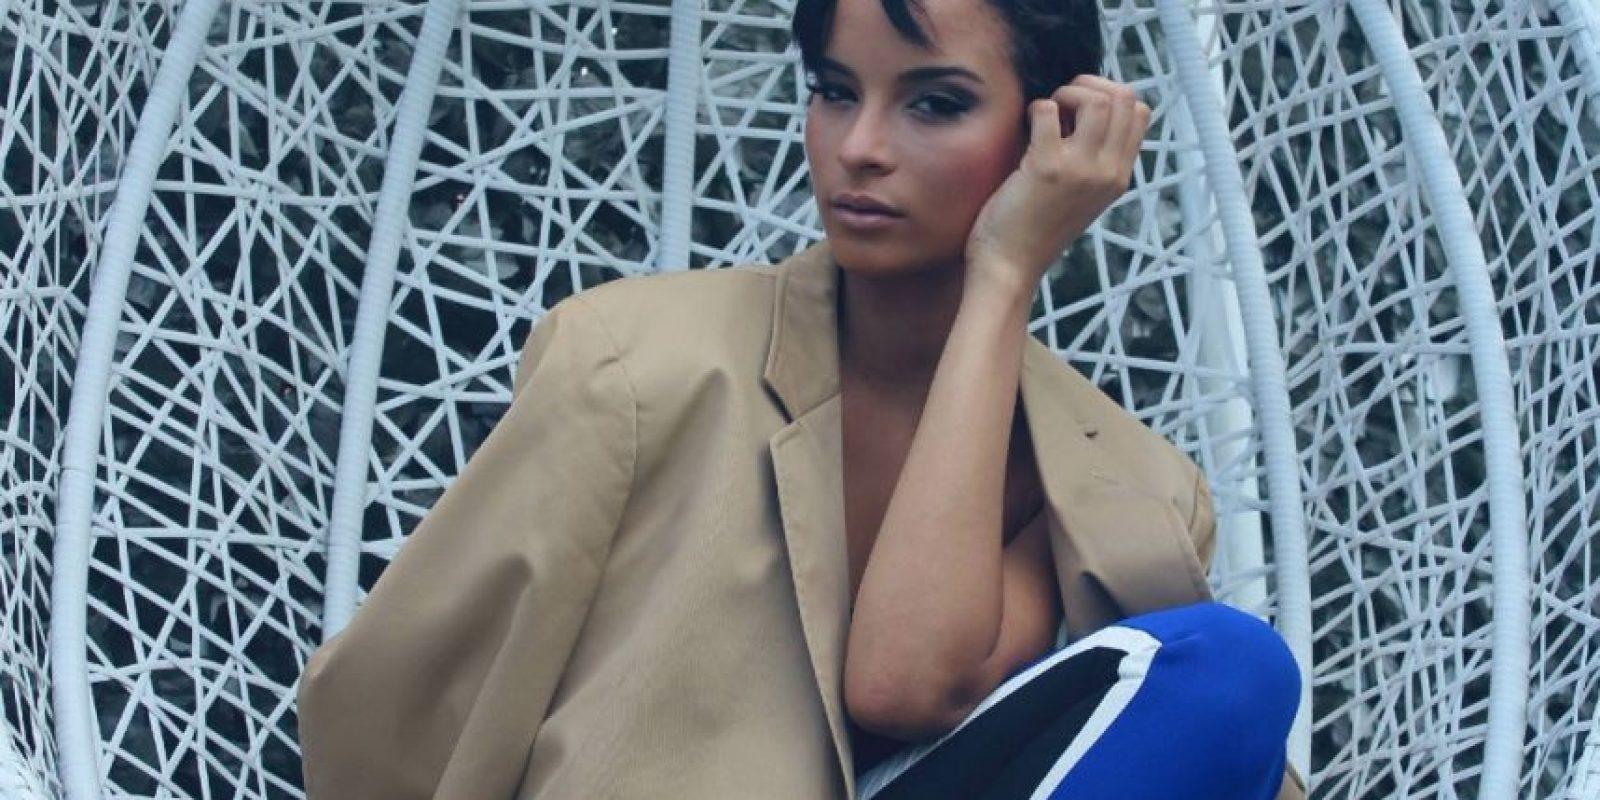 En la página de Miss Universo la comparan con un ícono femenino: Audrey Hepburn. Foto:Facebook/Kaci Fennell.